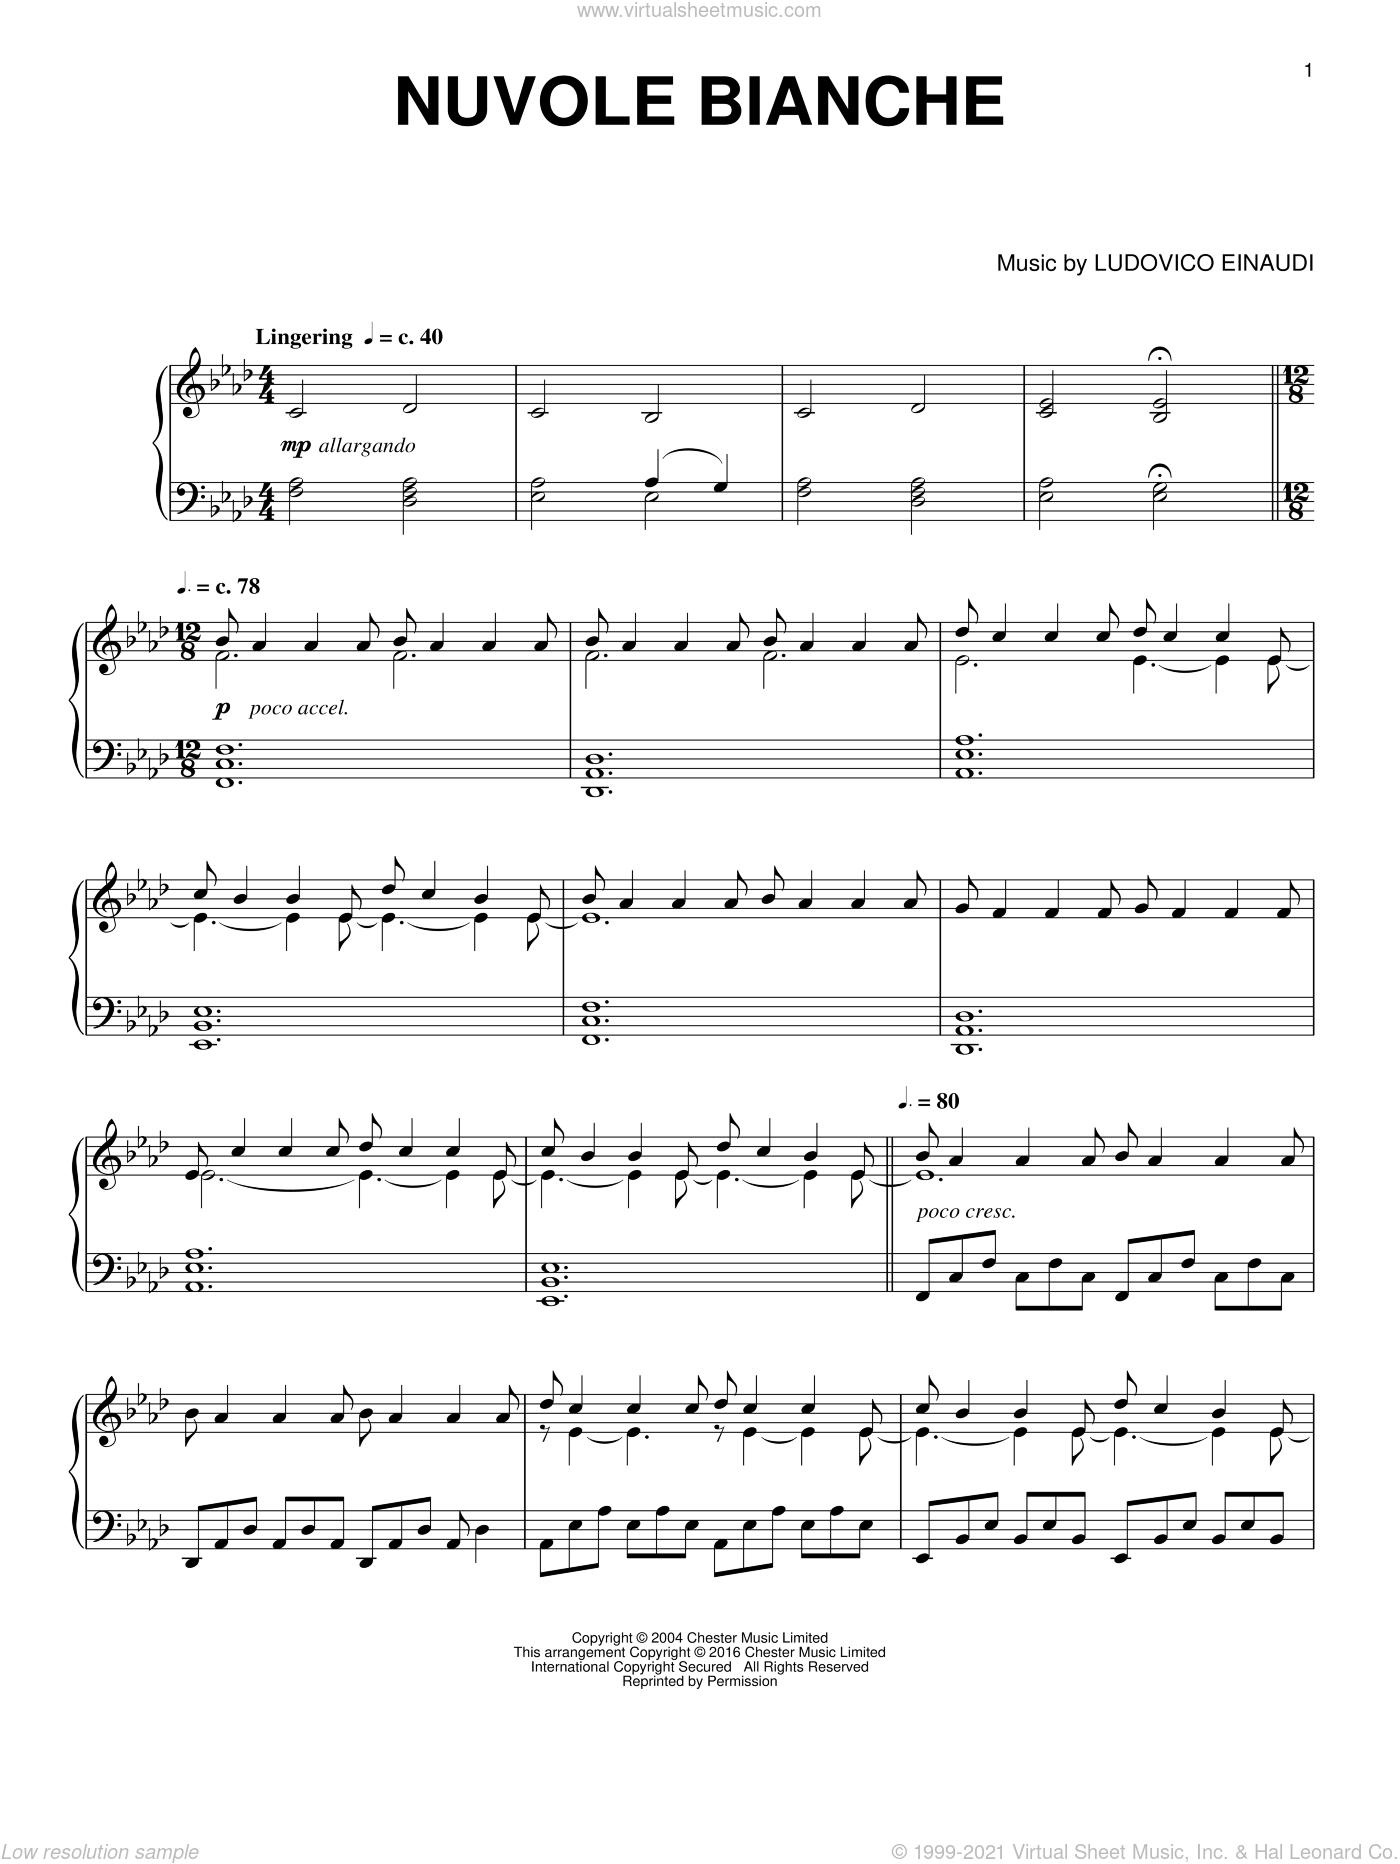 Nuvole Bianche sheet music for piano solo by Ludovico Einaudi, intermediate skill level